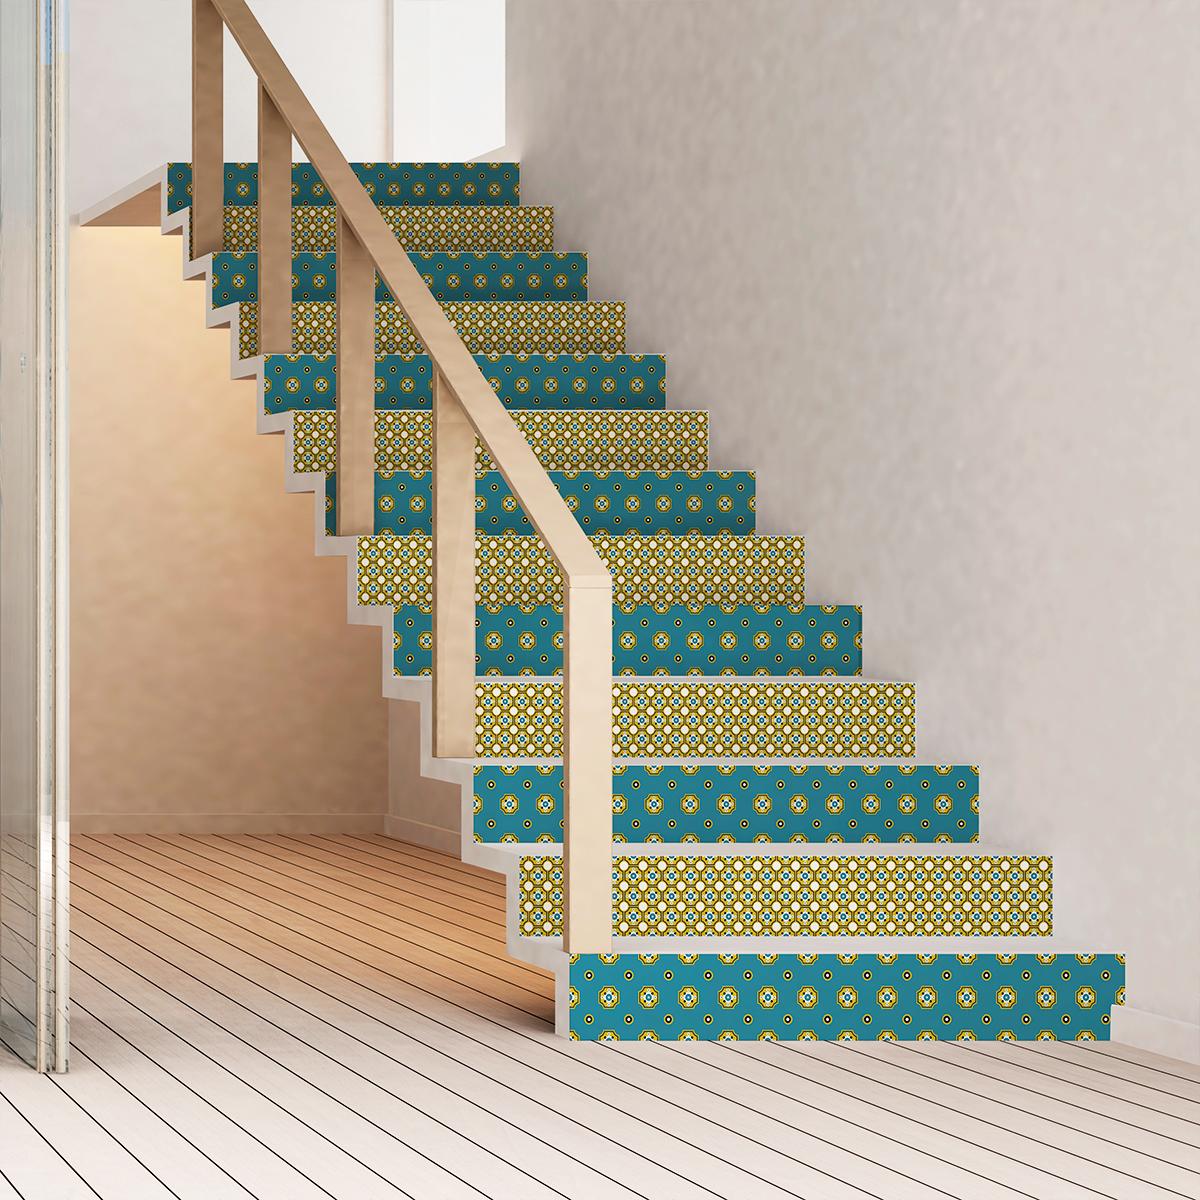 Stickers escalier carreaux de ciment oglavee x 2 ambiance - Escalier carreaux de ciment ...